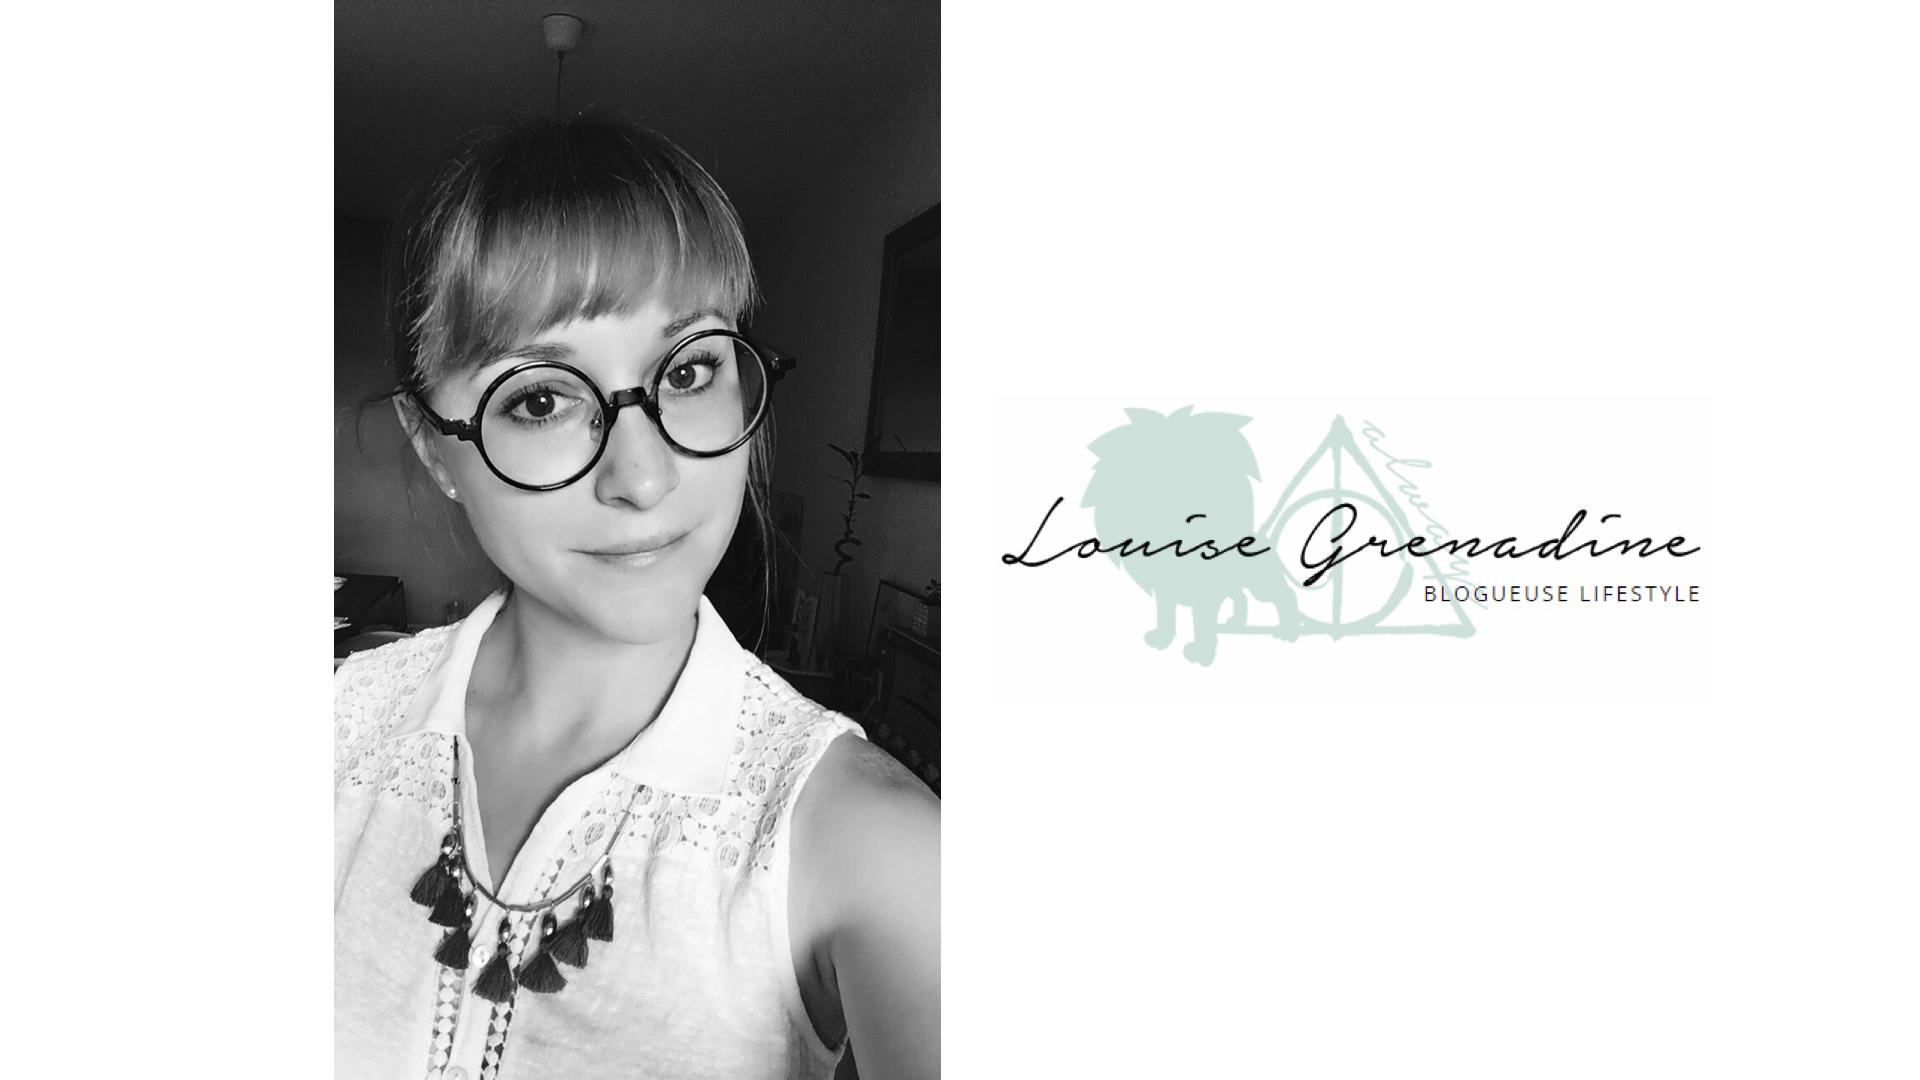 Louise Grenadine